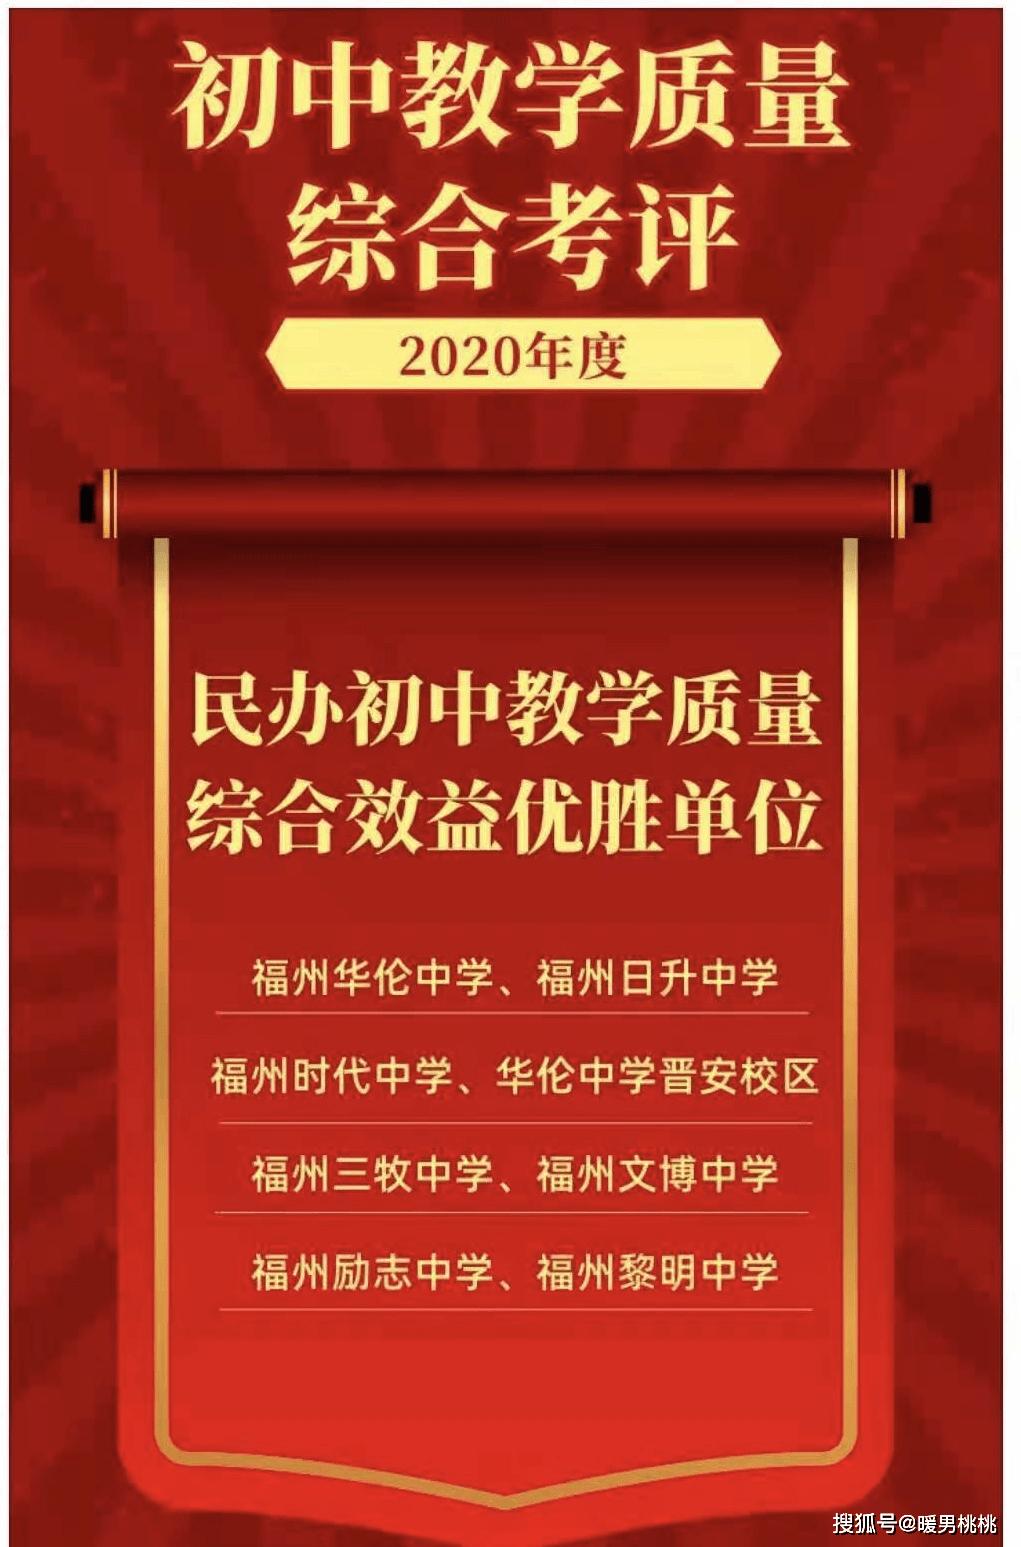 解读2021年福州日升中学招生简章!家长可以关注一下!